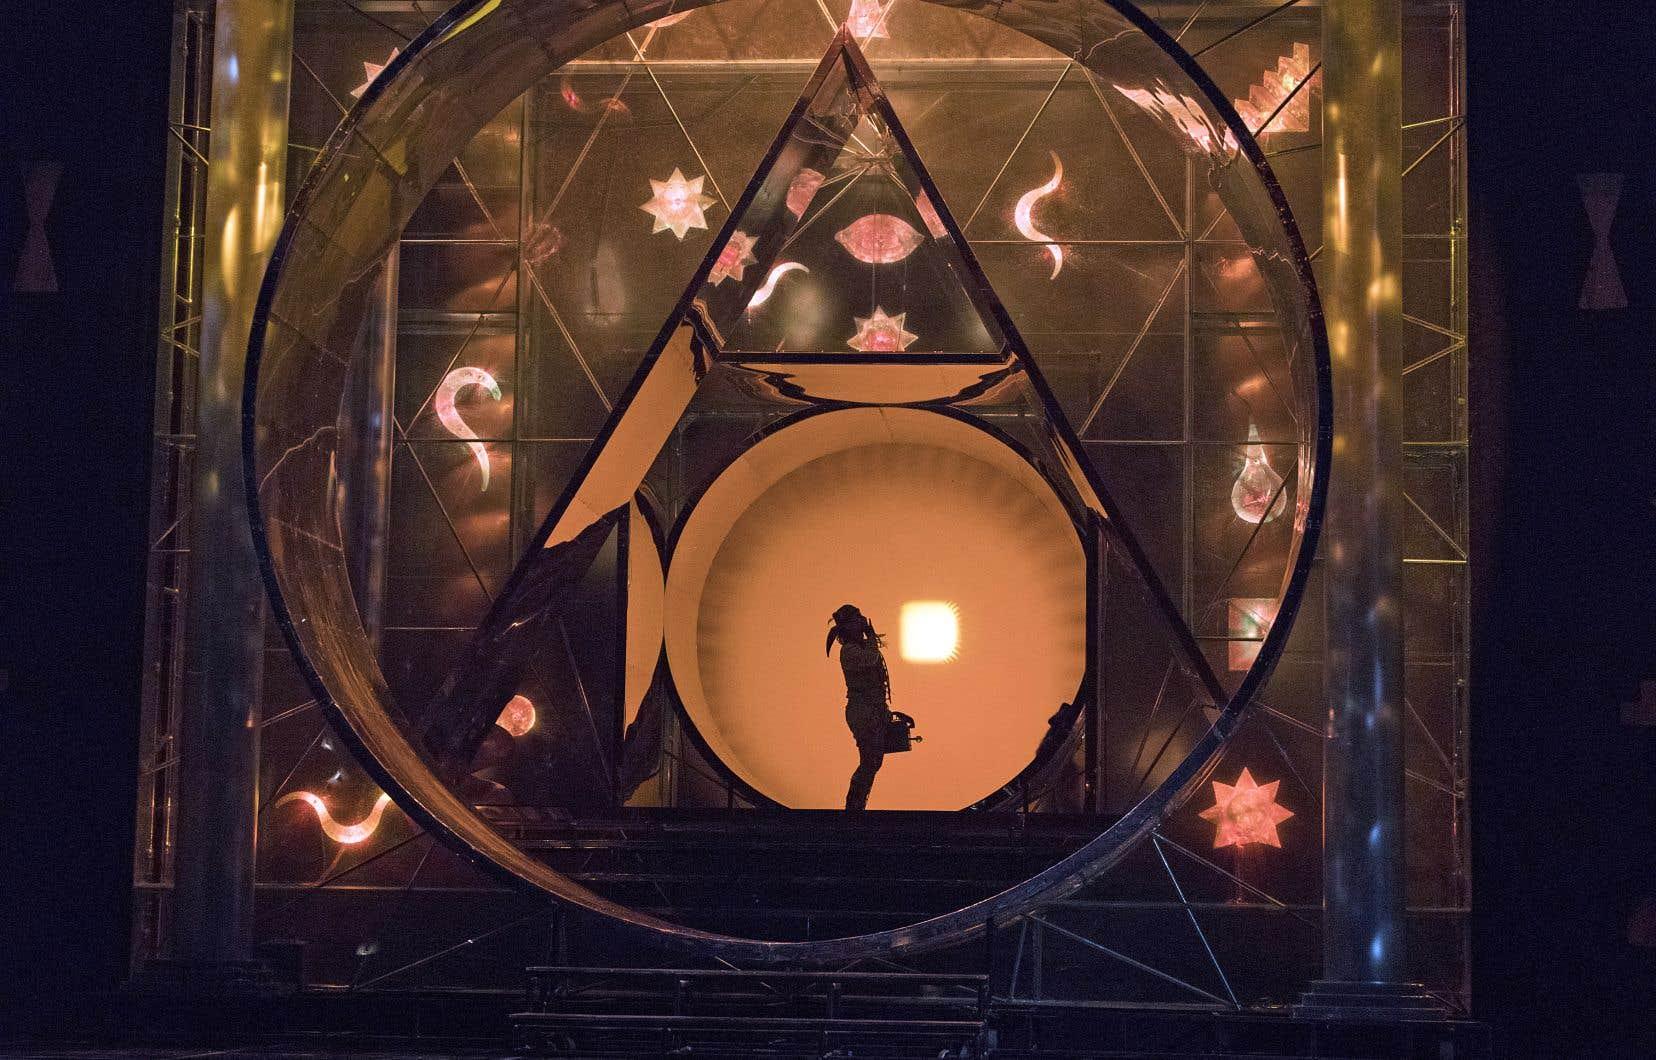 «La flûte enchantée», version 2017, au cinéma était l'occasion de profiter du spectacle sur l'intégralité de l'opéra dans sa version originale allemande.